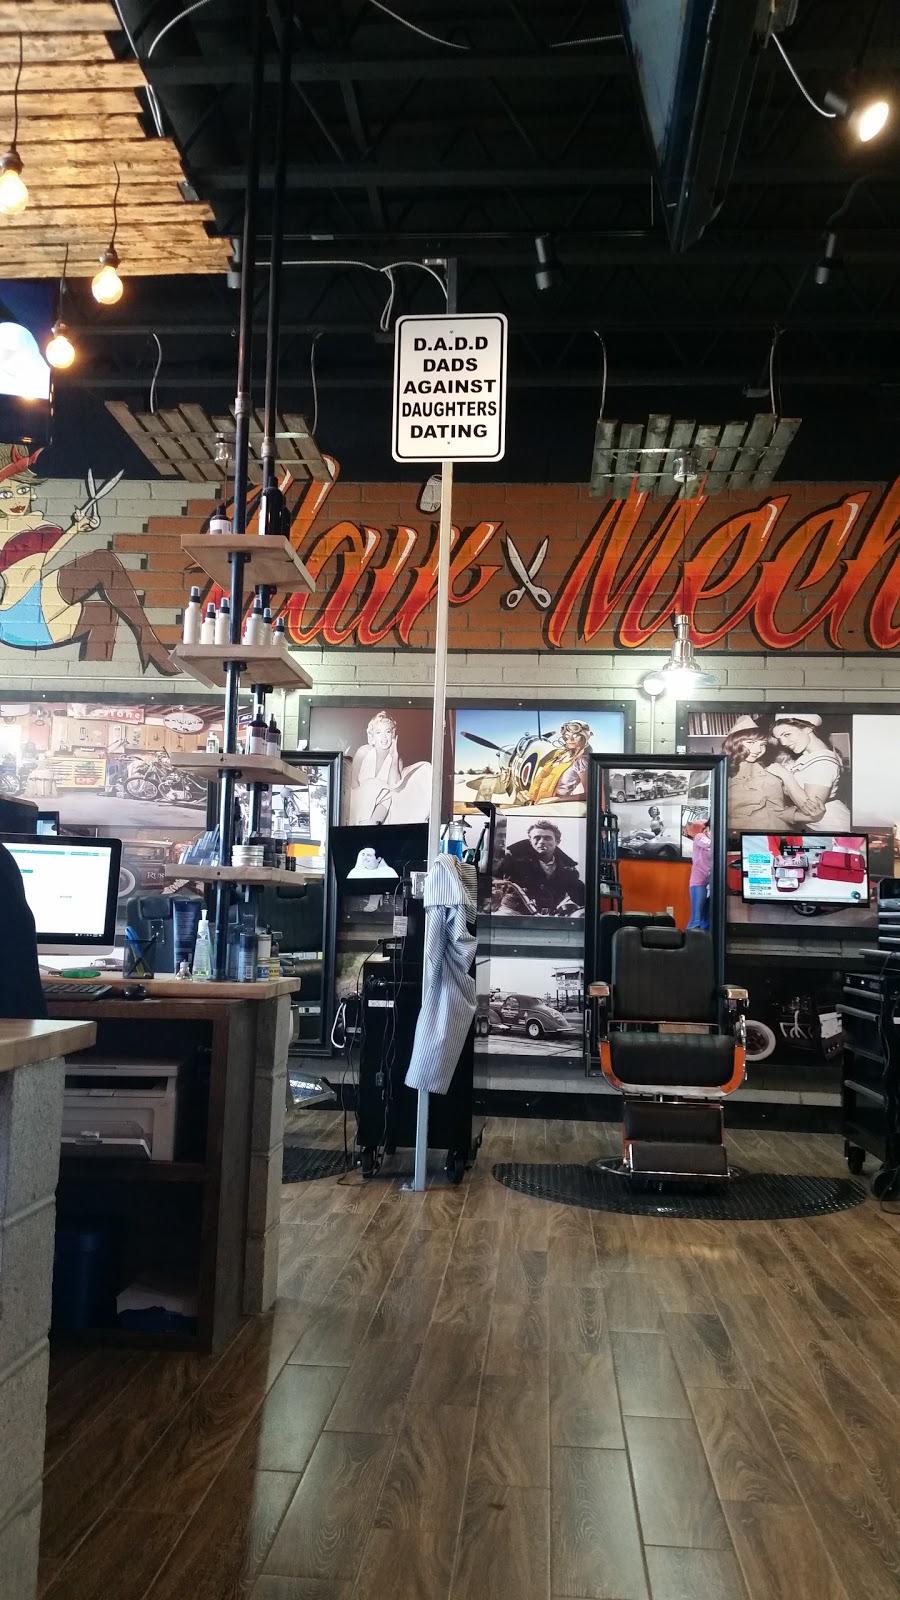 Hair Mechanix of Monroe Mens Haircuts - hair care  | Photo 2 of 7 | Address: 1425 N Telegraph Rd Ste C, Monroe, MI 48162, USA | Phone: (734) 639-2407